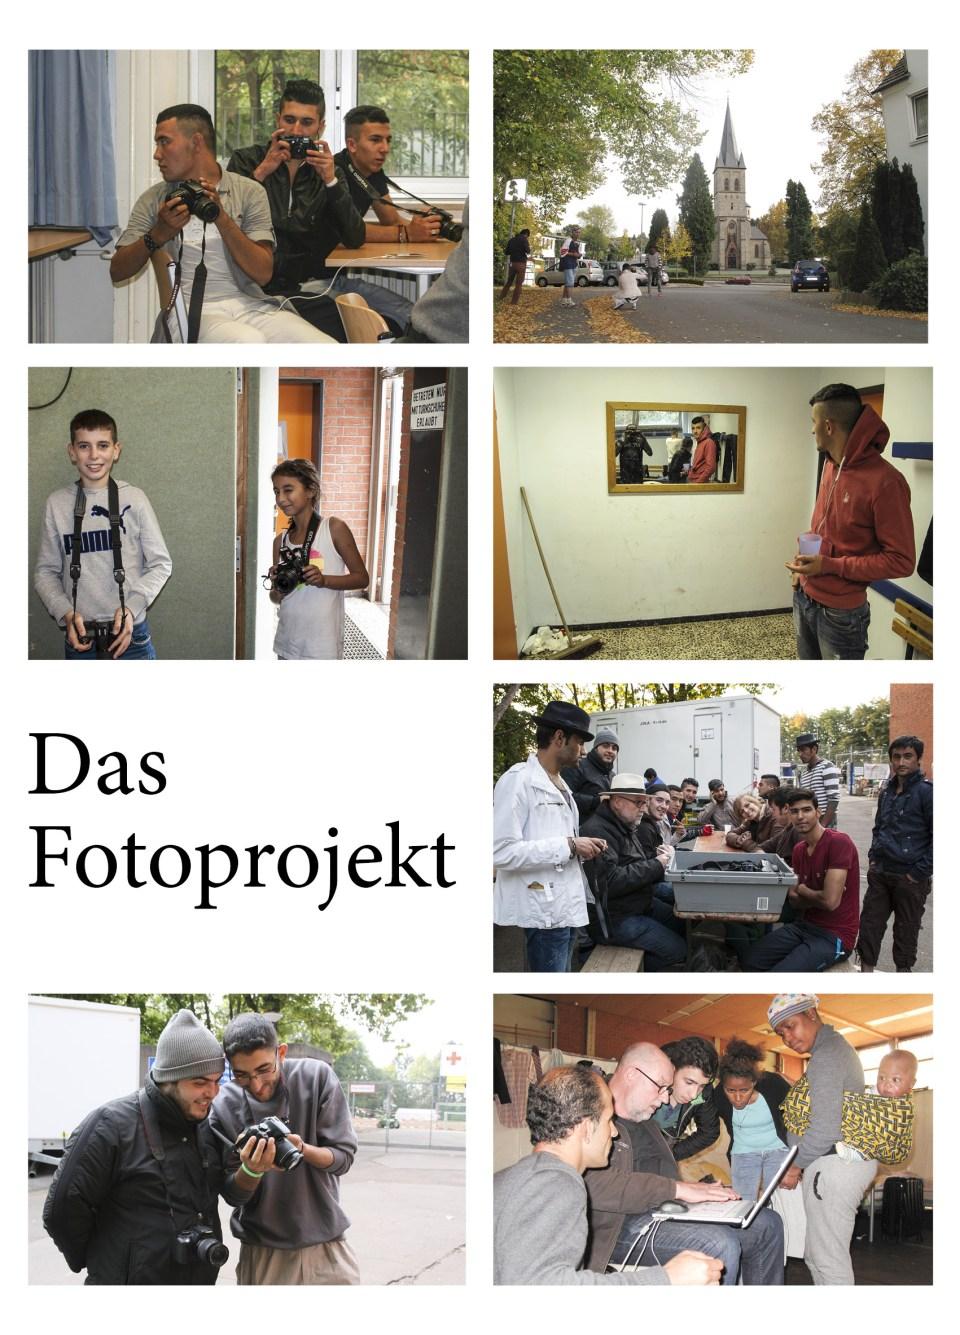 fotoprojekt 2